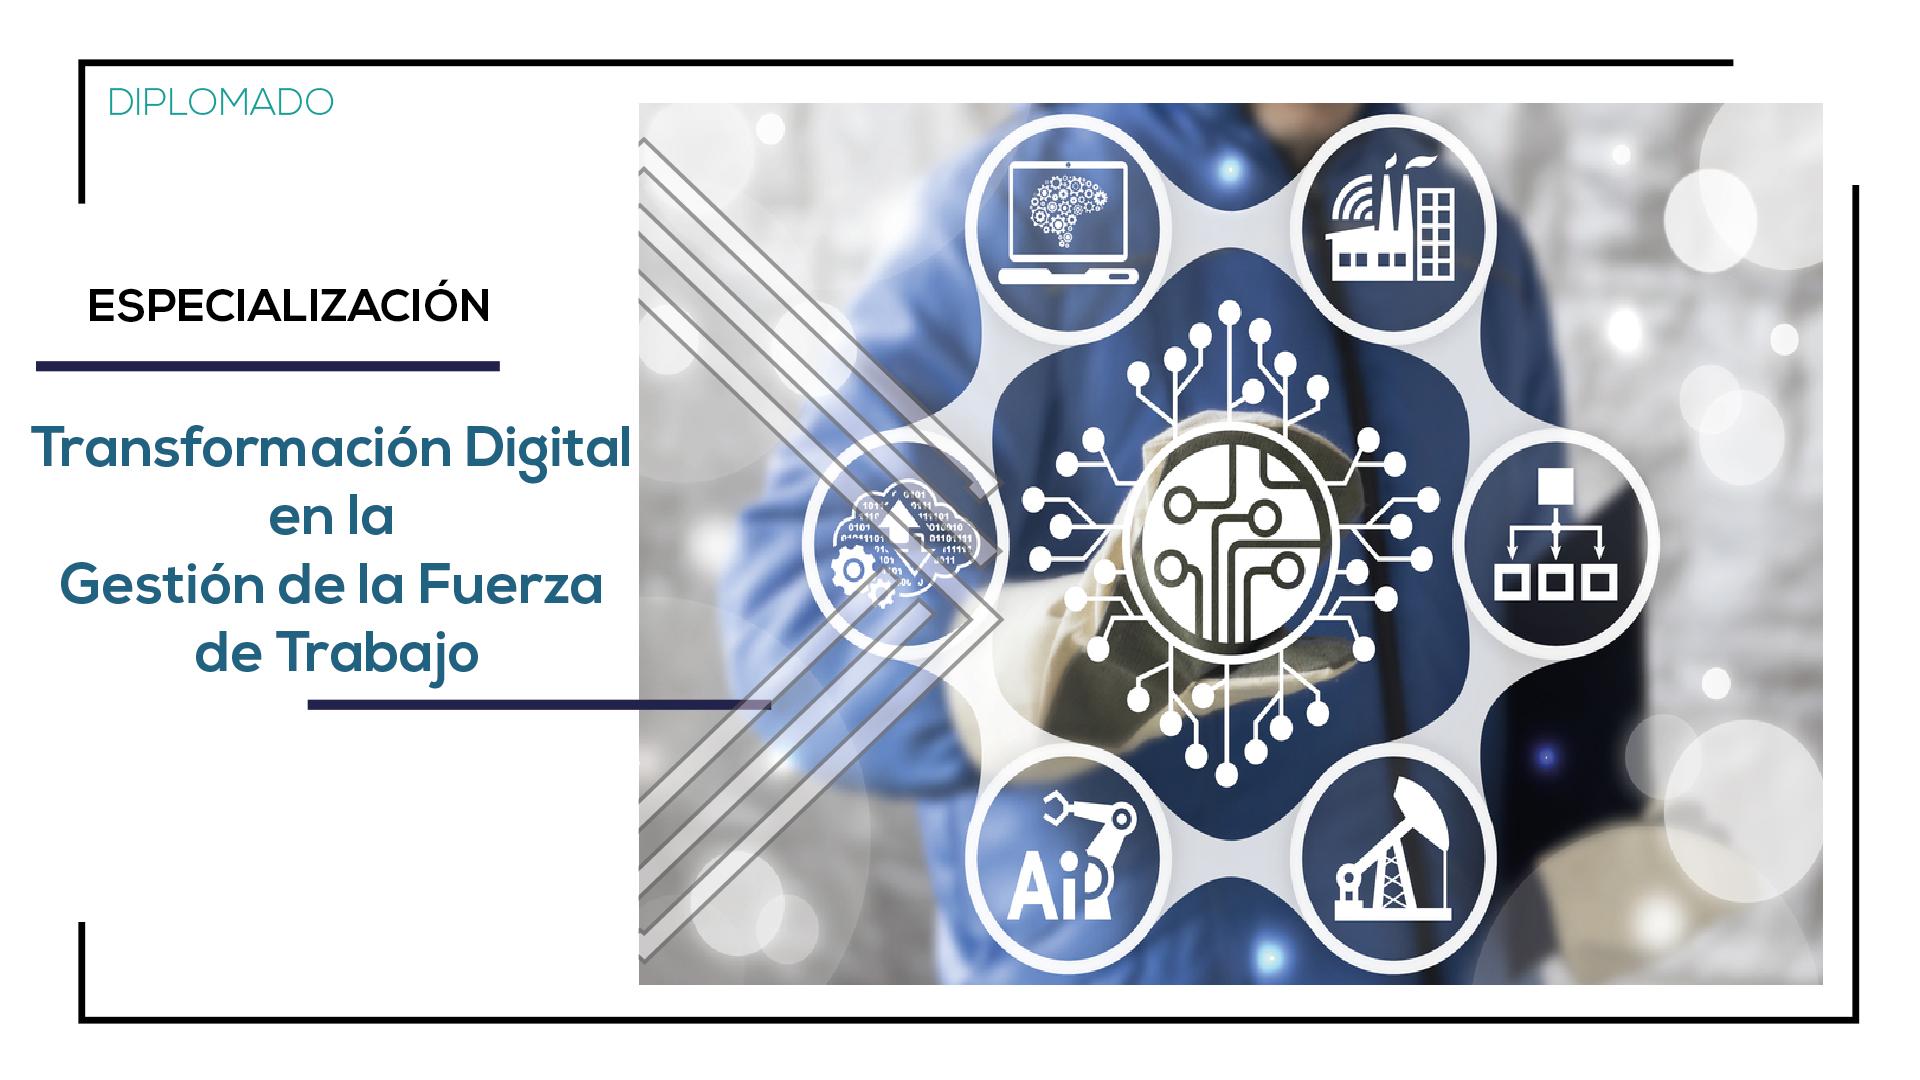 Especialización en Transformación Digital en la Gestión de la Fuerza de Trabajo